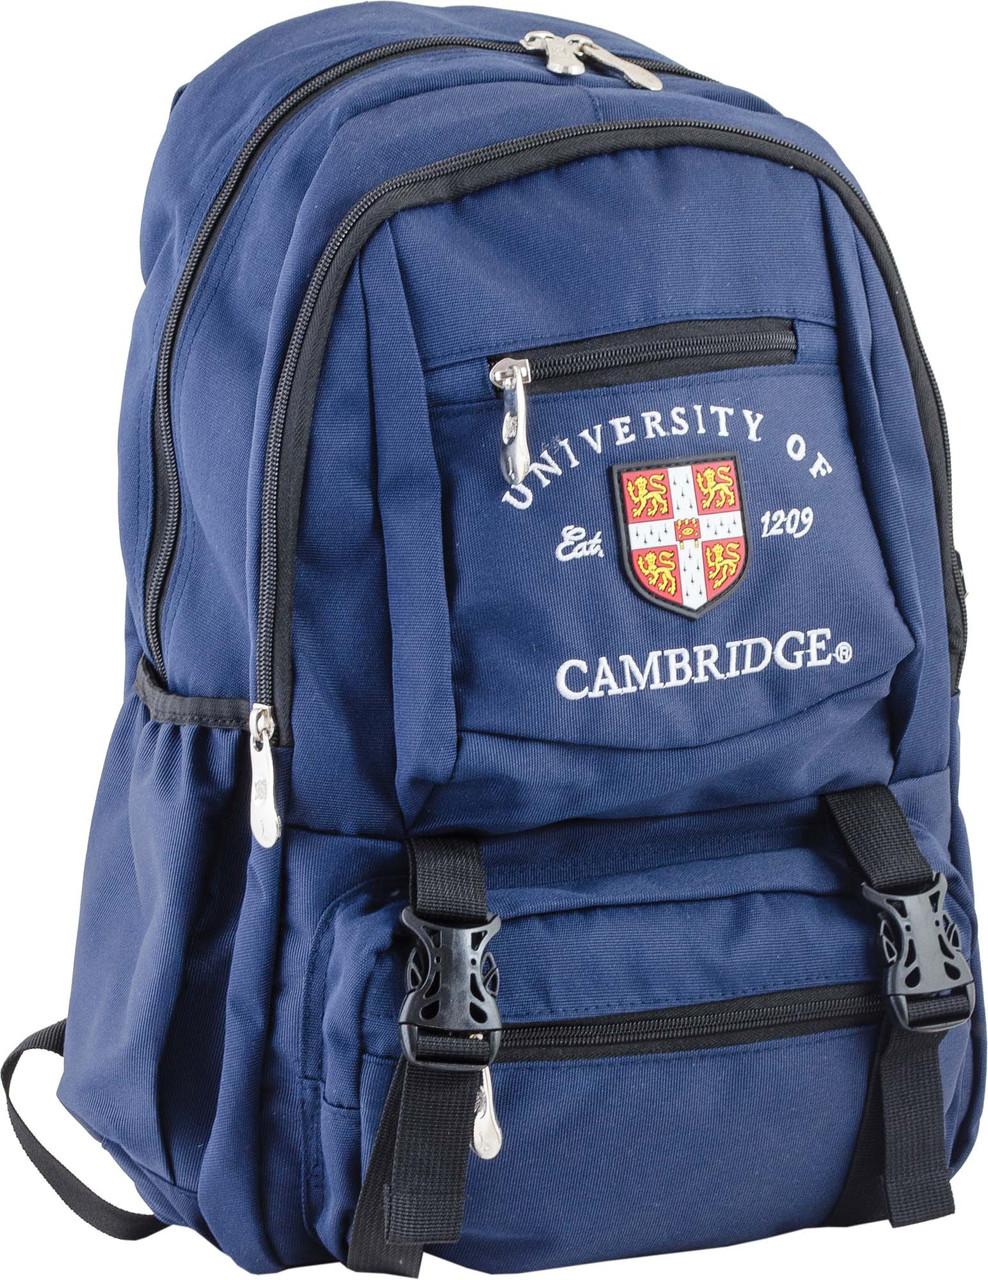 554029 Рюкзак підлітковий CA 079, синій, 31*43*13